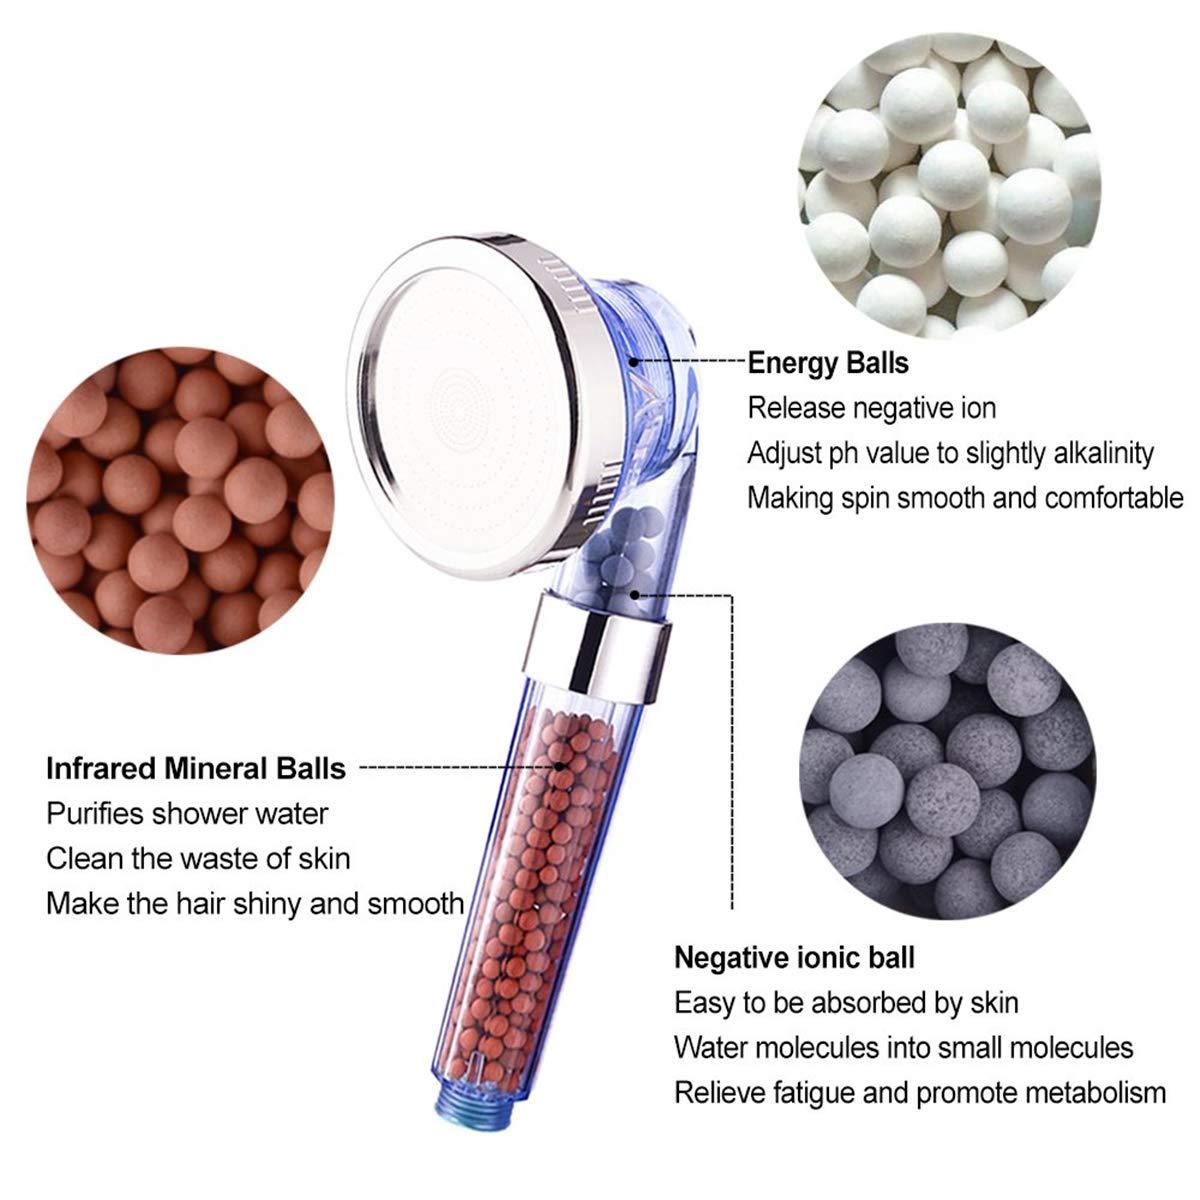 HJ Stay Real 6 Packs de Iones Negativos de Bolas de Mineral Piedra de Repuesto Bioactiva para Filtro I/ónico de Cabezal de Ducha de Mano Purifica el Agua de Ducha que Rejuvenece Piel y el Cabello